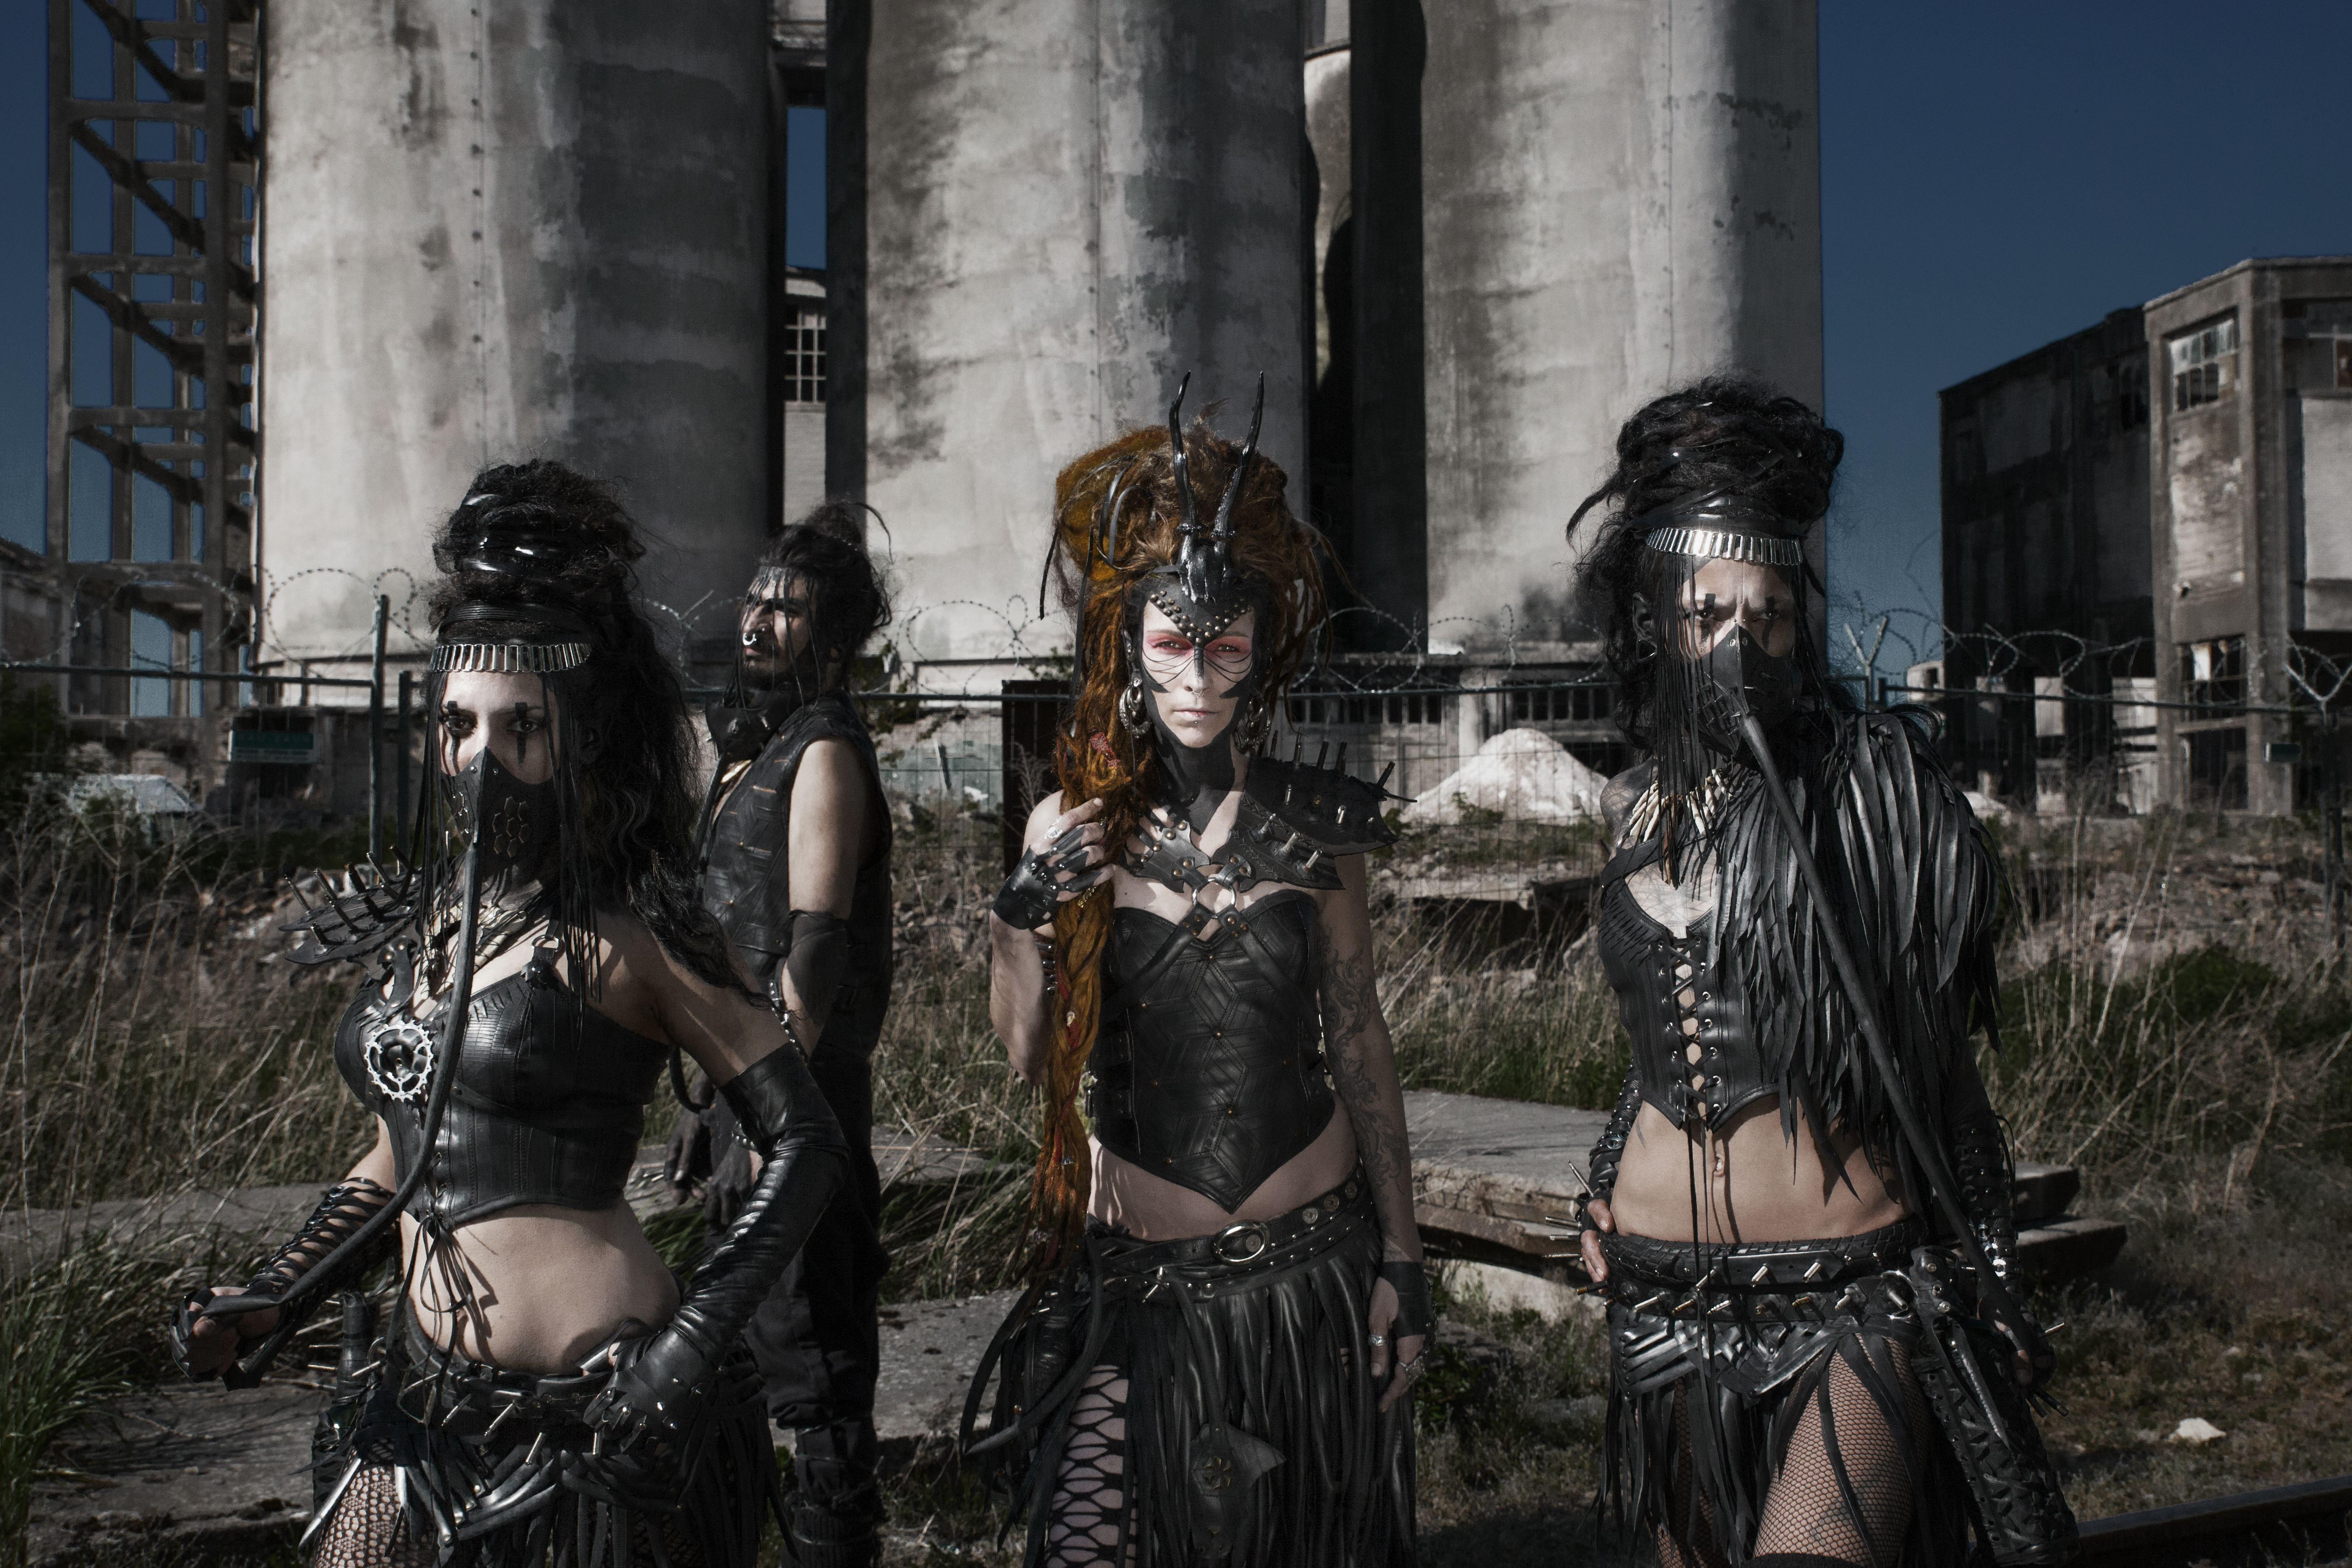 #SeahorseProductions #BikeTire #Rubber #RecycledLeather #Blackleather #Upcycling #Fashion #Antifashion #Cyberpunk #Gothic #Apocalyptic #PostApocalyptic #Wasteland #Berlin #AleinWonderlandPhotography